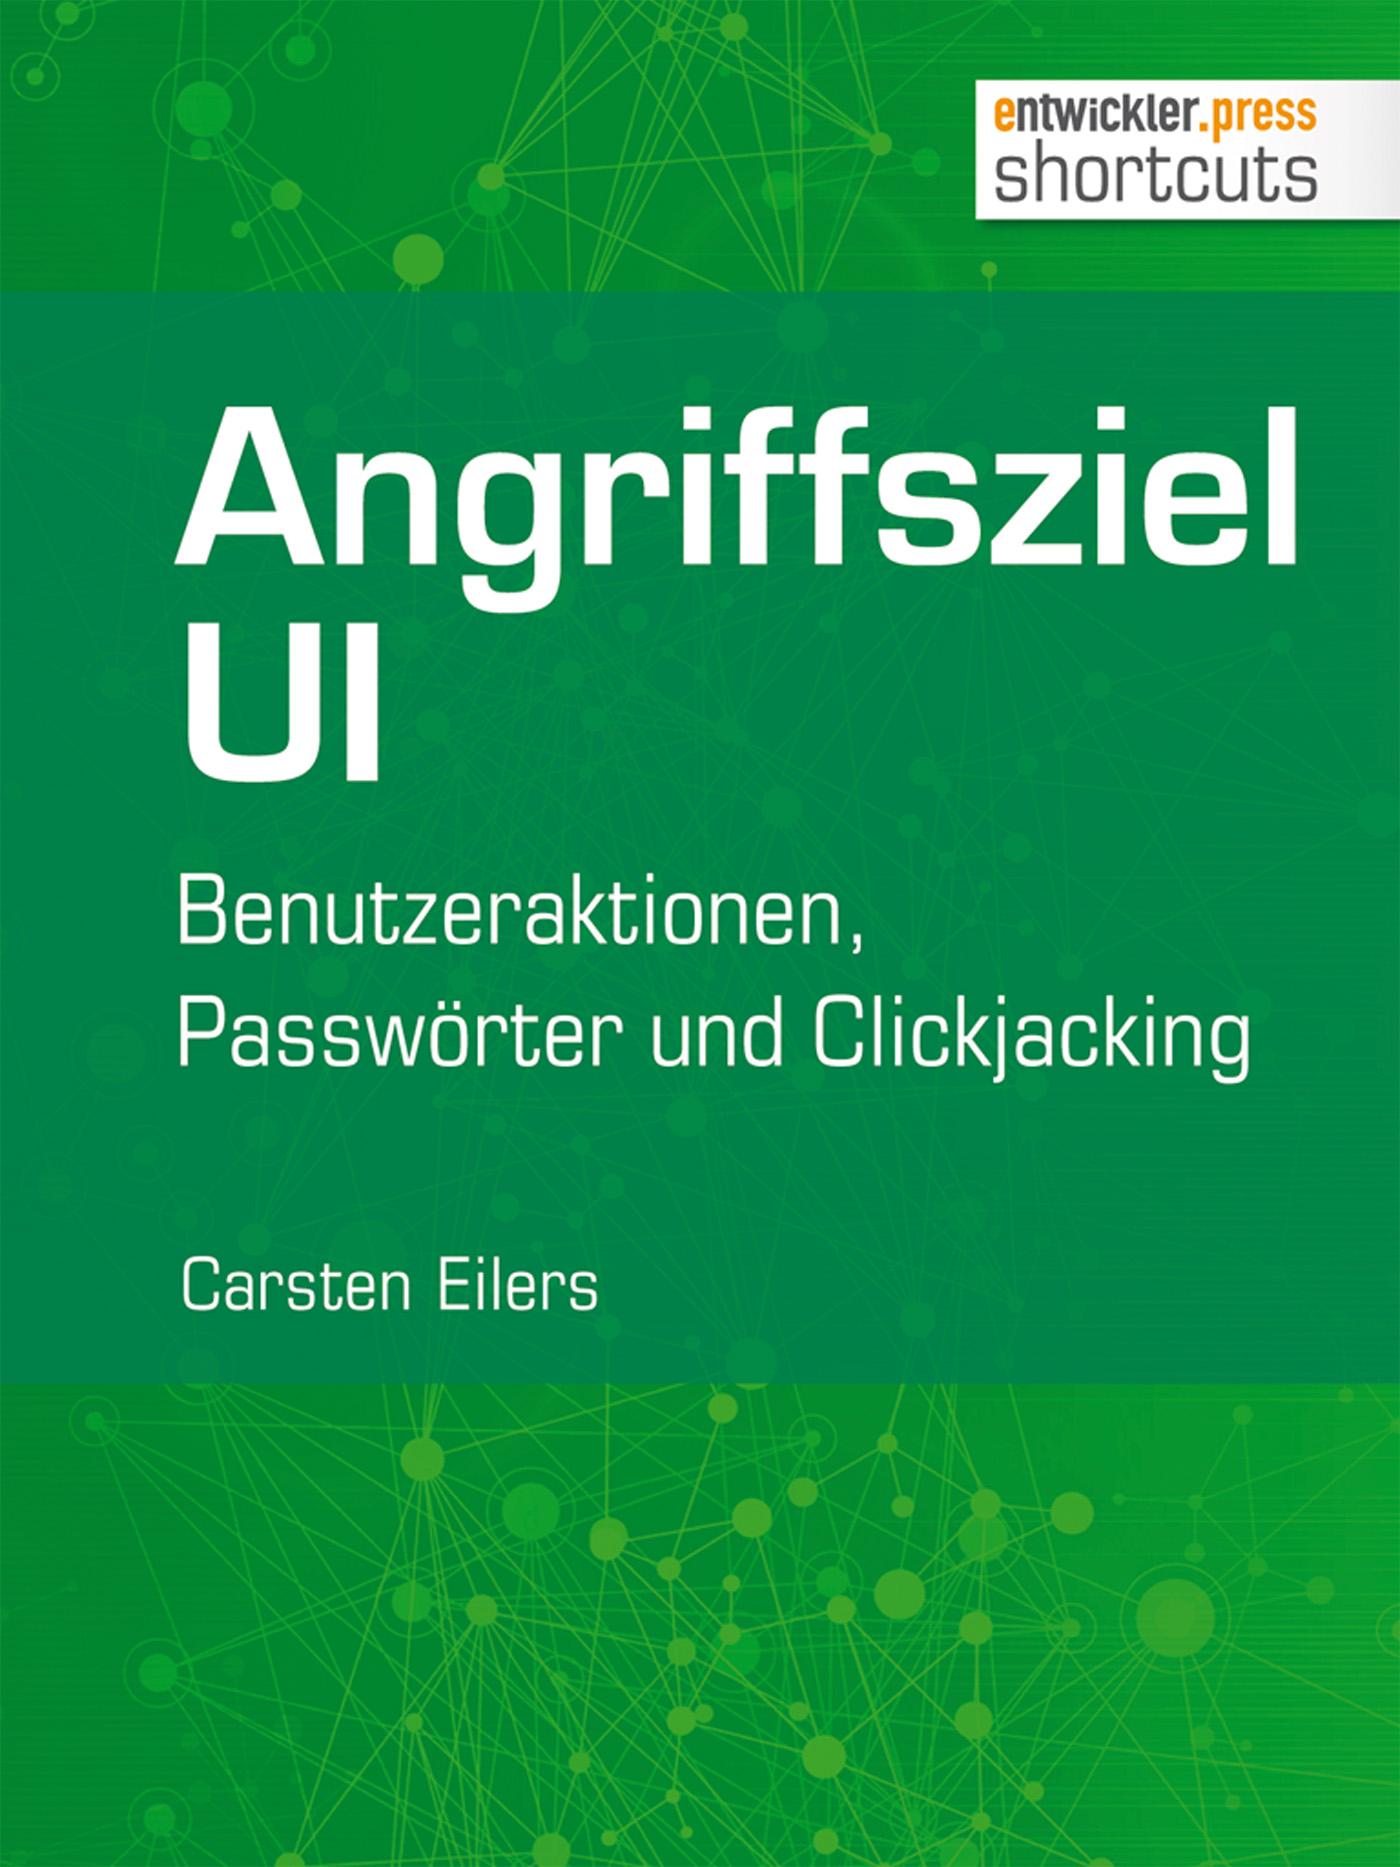 Carsten Eilers Angriffsziel UI